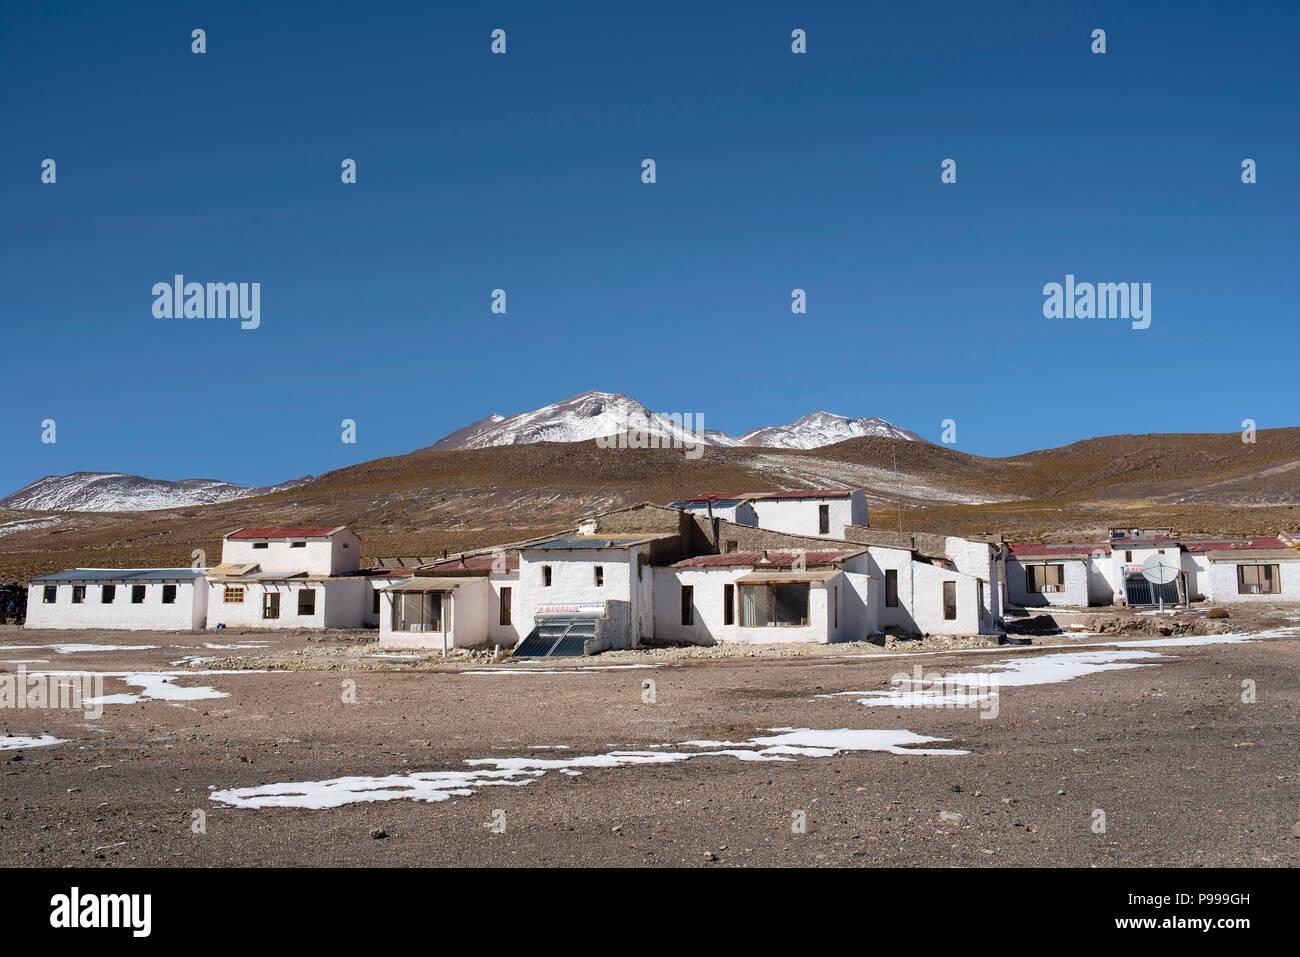 Le paysage d'hiver Cañapa Laguna Cañapa (salt lake) et de son petit groupe de maisons blanches. Département de Potosí, en Bolivie. Photo Stock